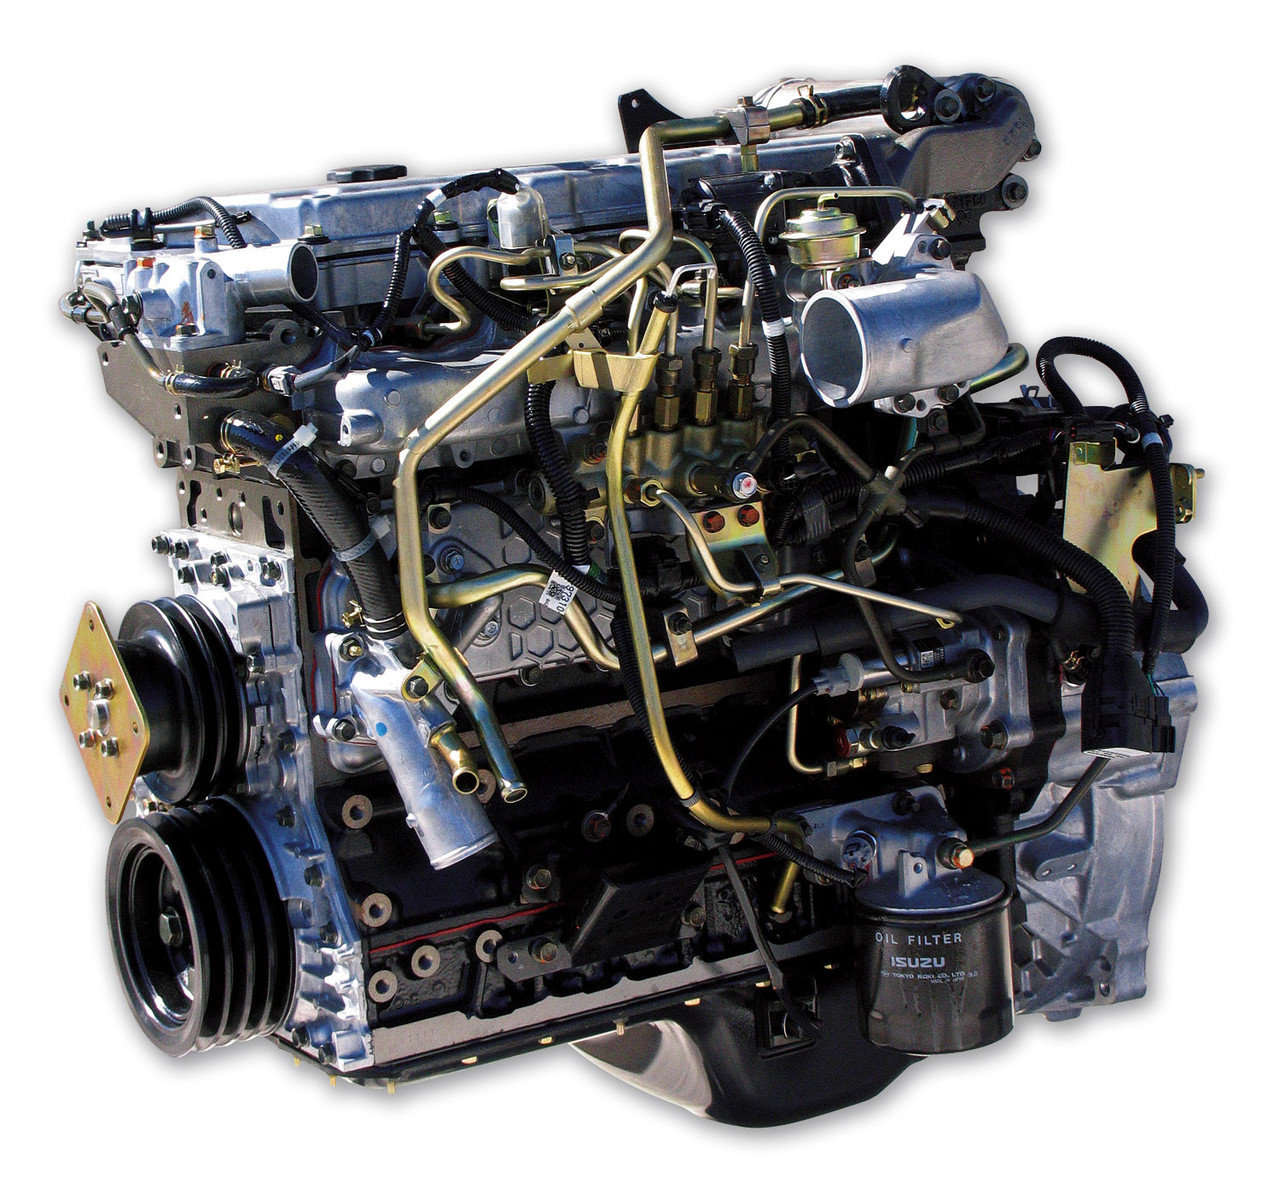 промышленные двигатели Исузу